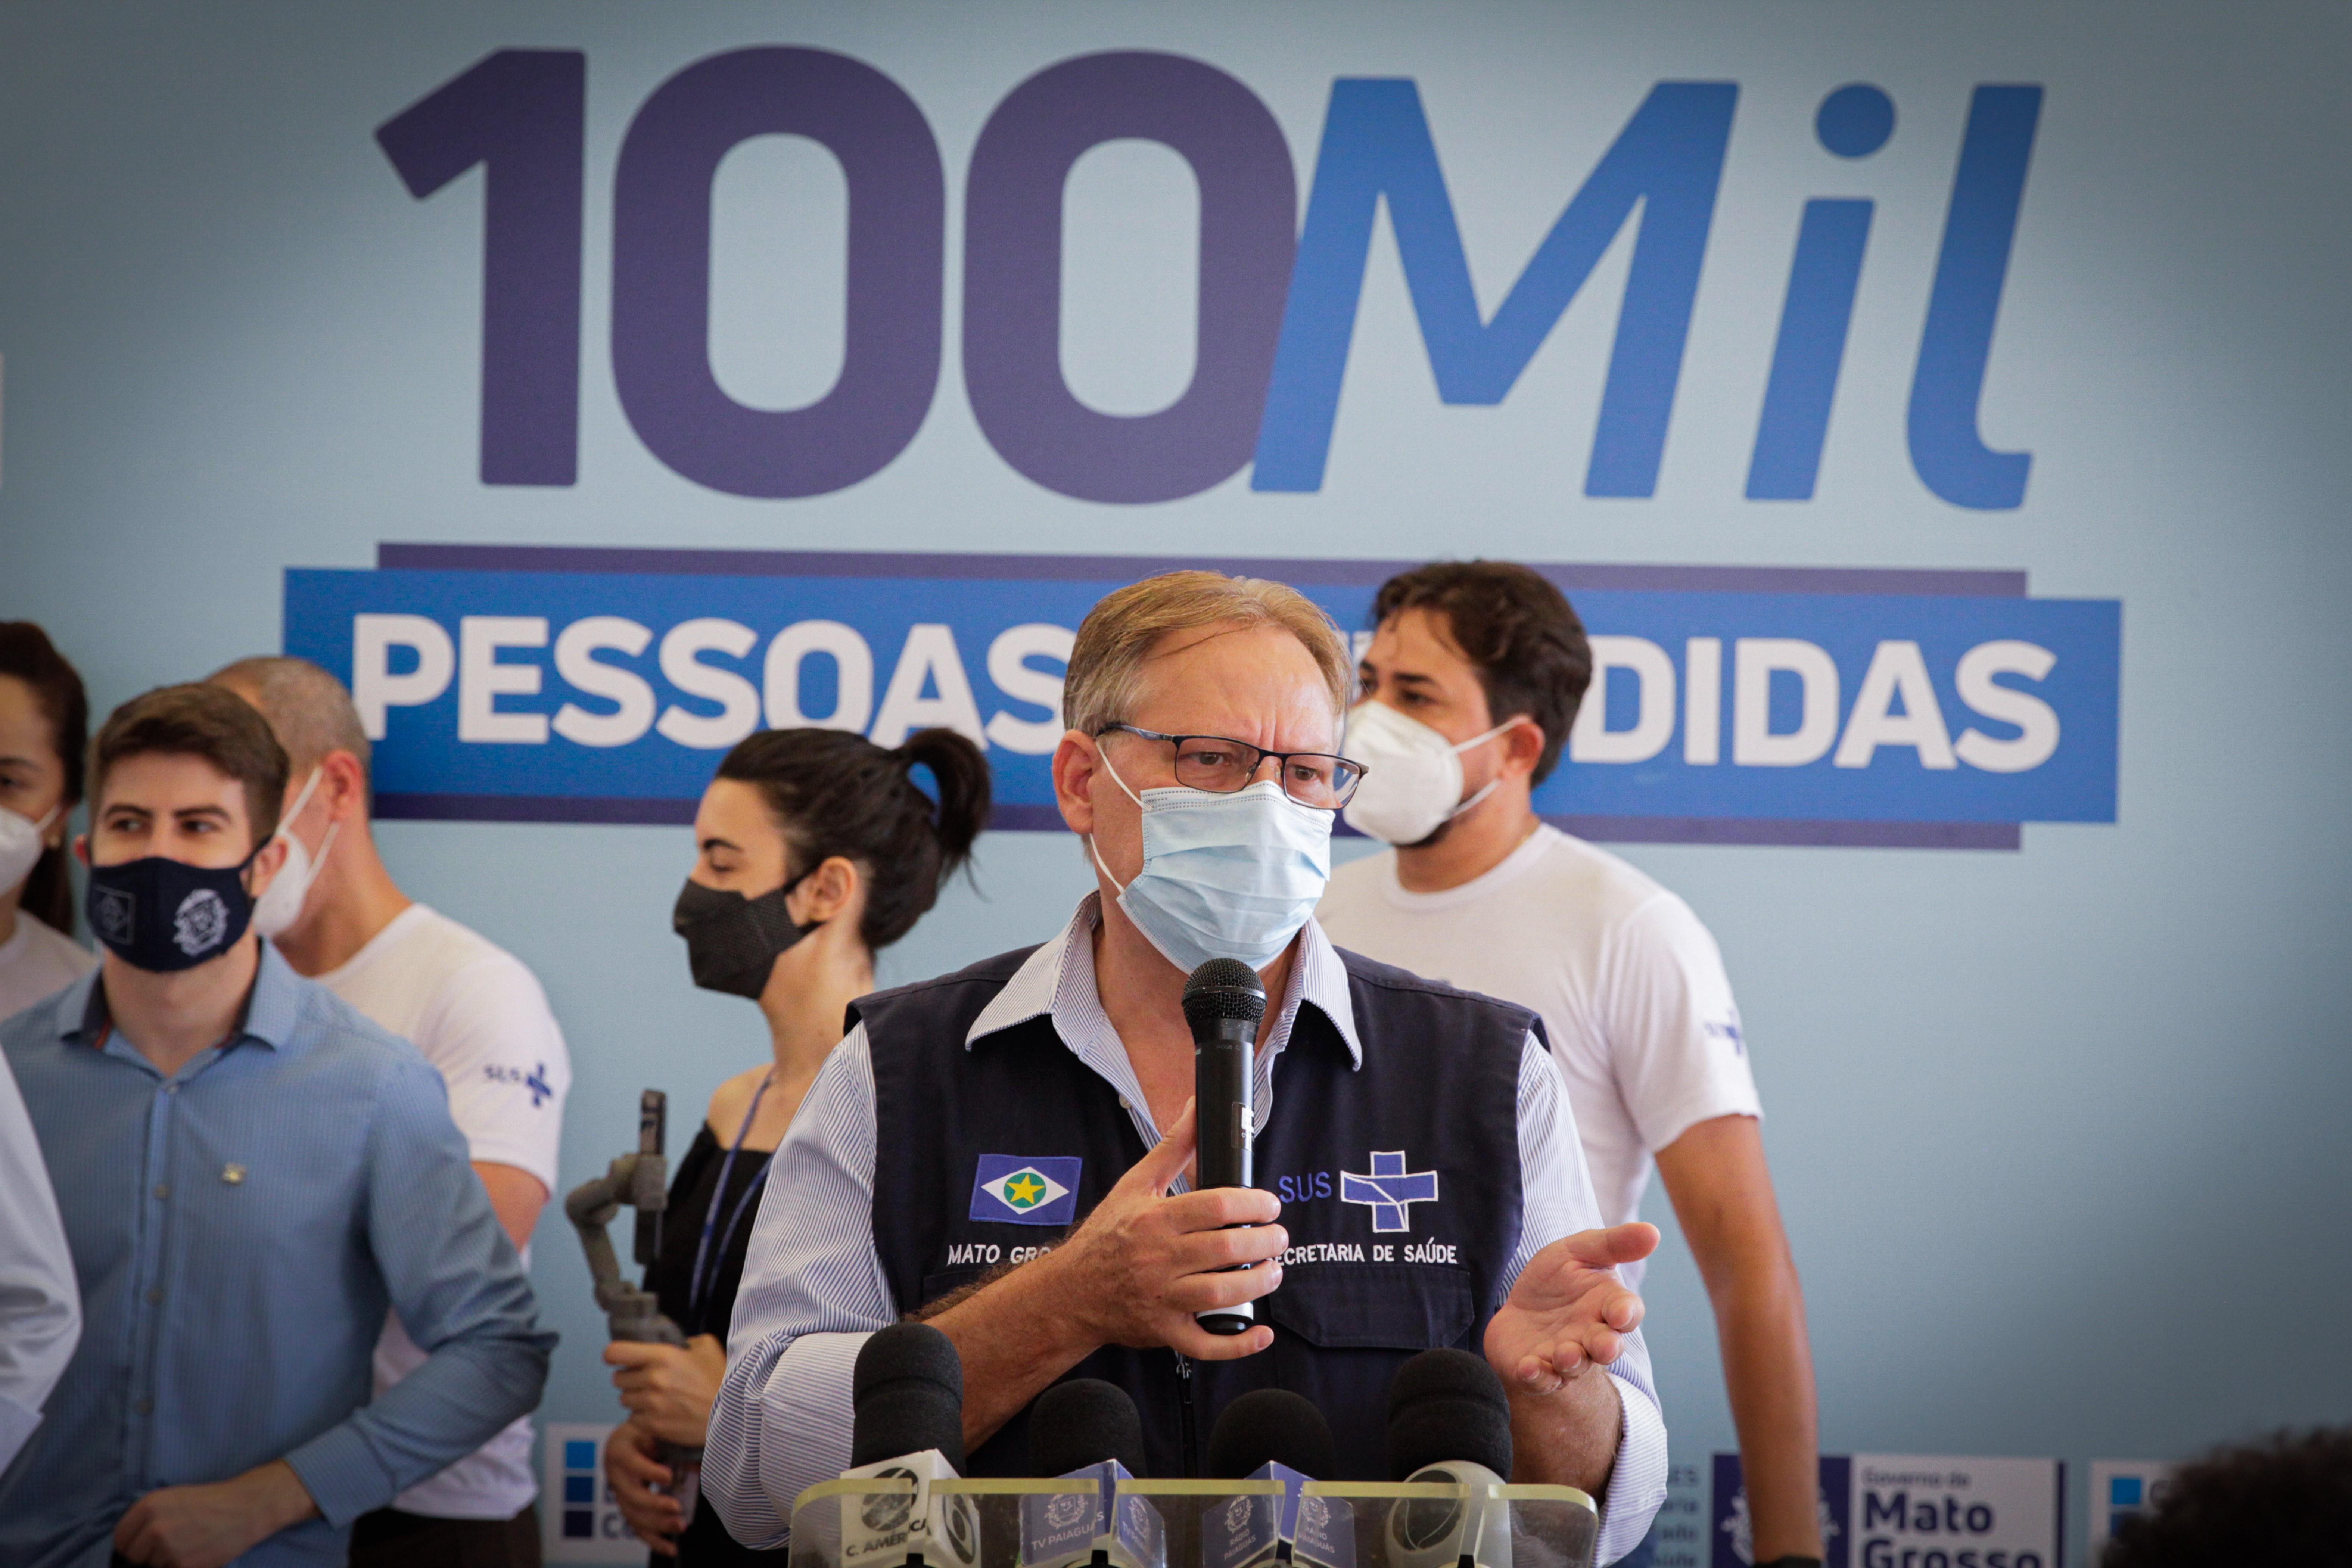 Centro de Triagem de MT deve disponibilizar teste por secreção do nariz para detecção do coronavírus